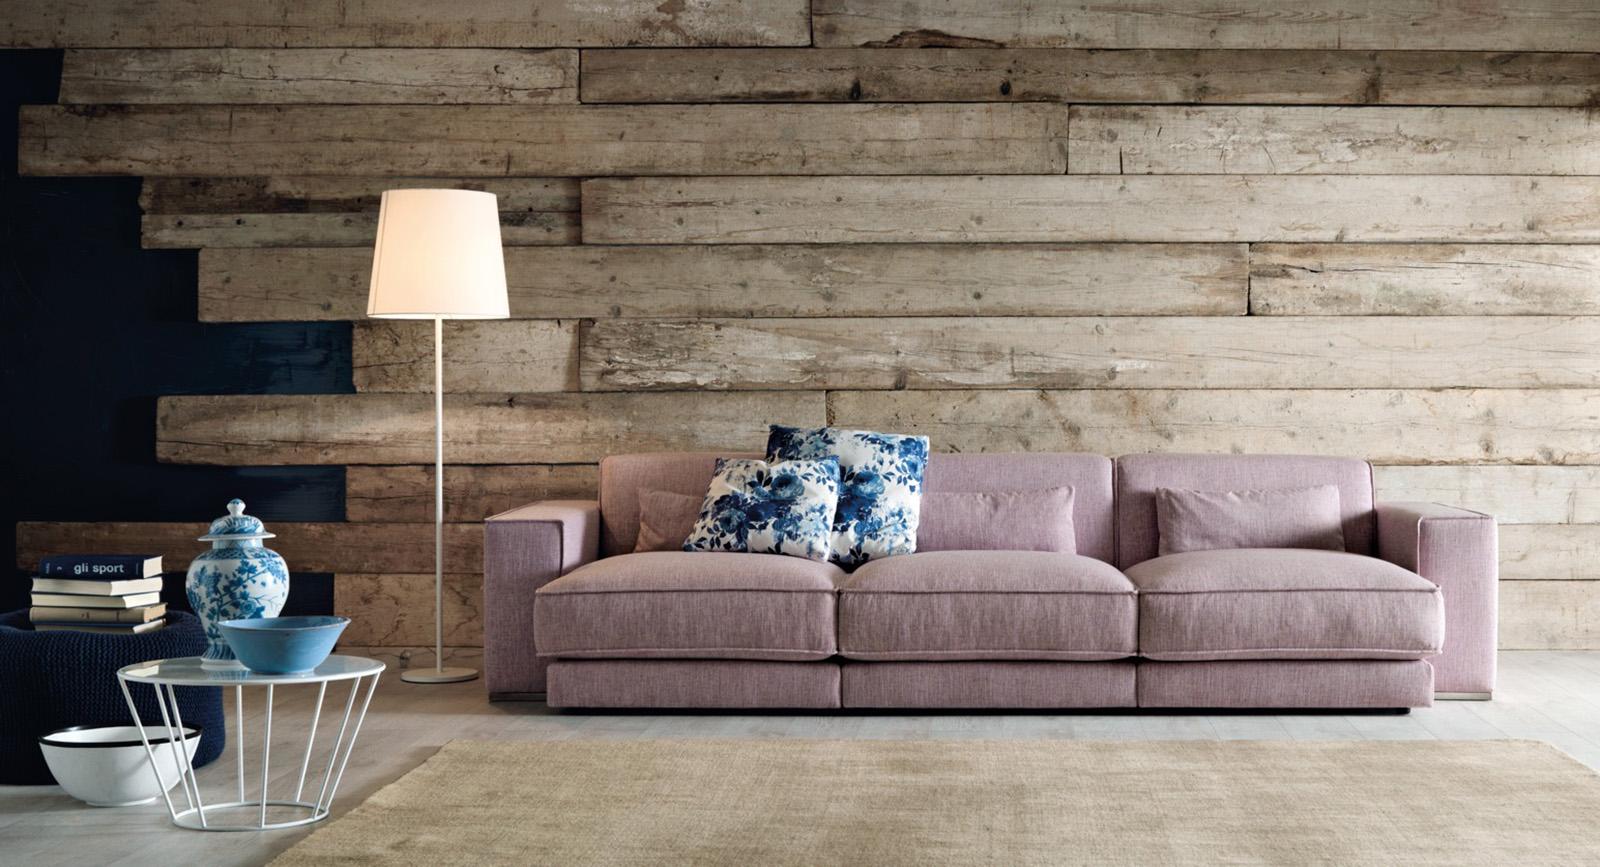 Come scegliere il divano giusto per il soggiorno casa di stile - Prodotti per pulire il divano in tessuto ...